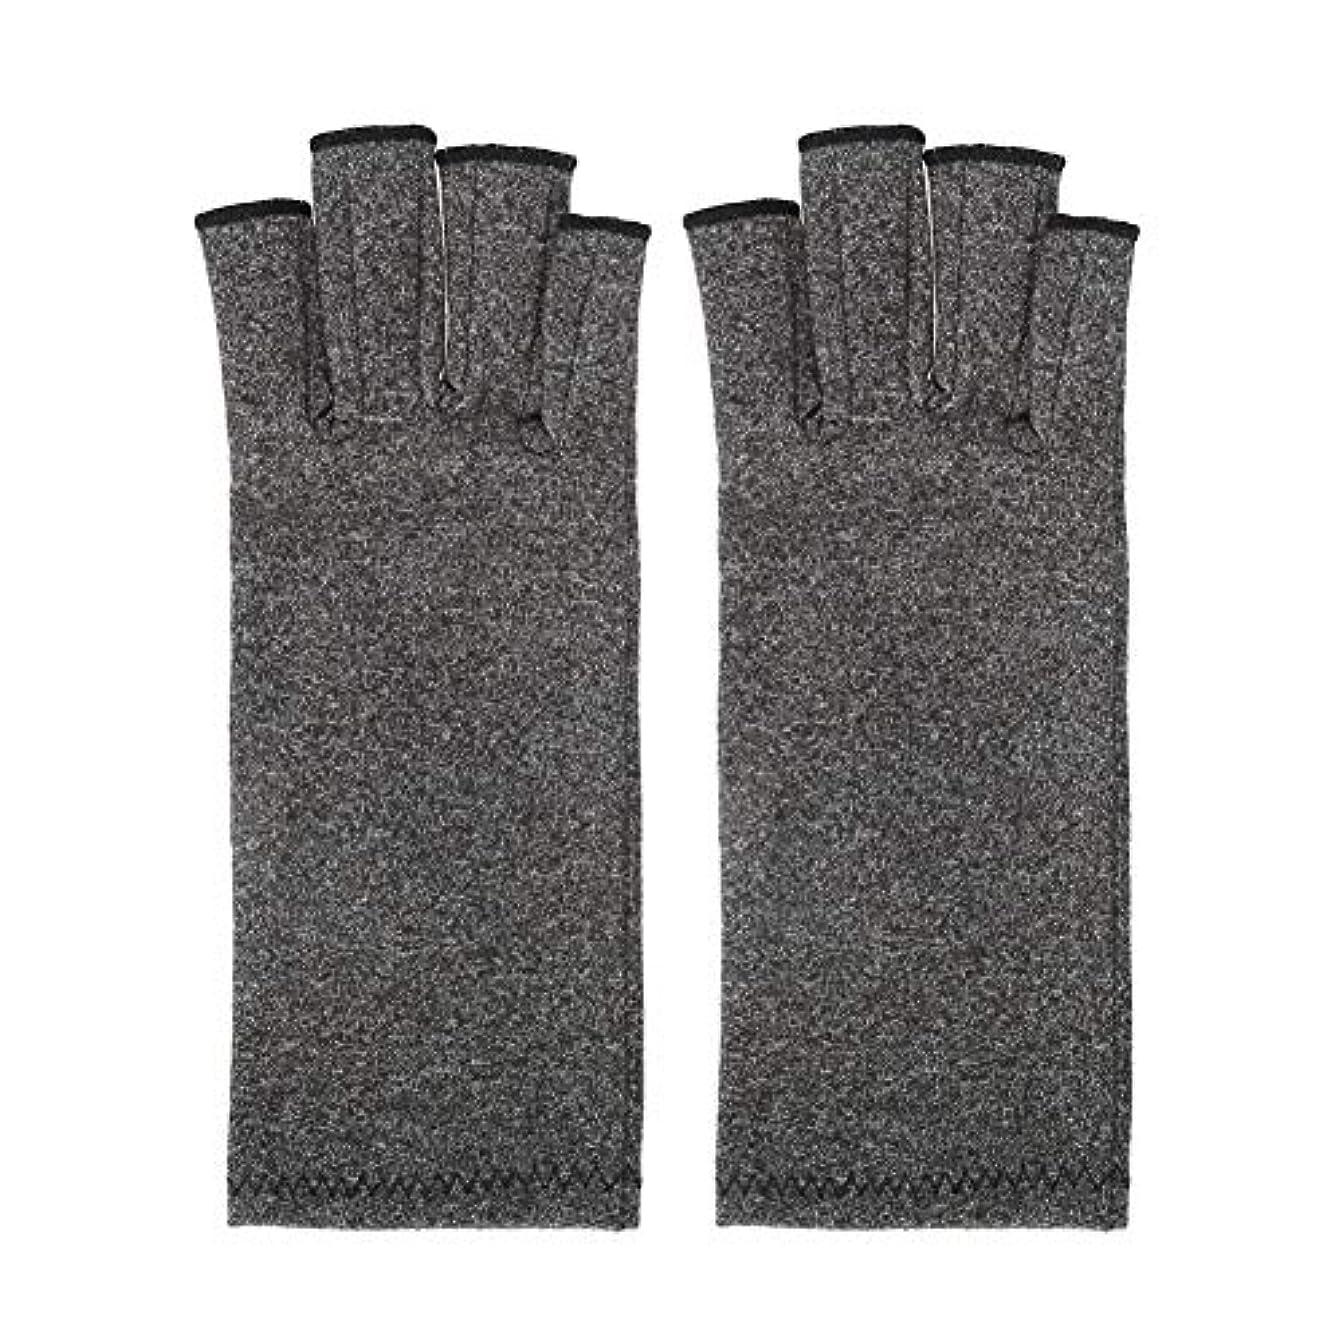 致命的なクッション税金抗関節炎手袋抗関節炎ヘルスケアリハビリテーショントレーニング手袋圧縮療法リウマチ性疼痛